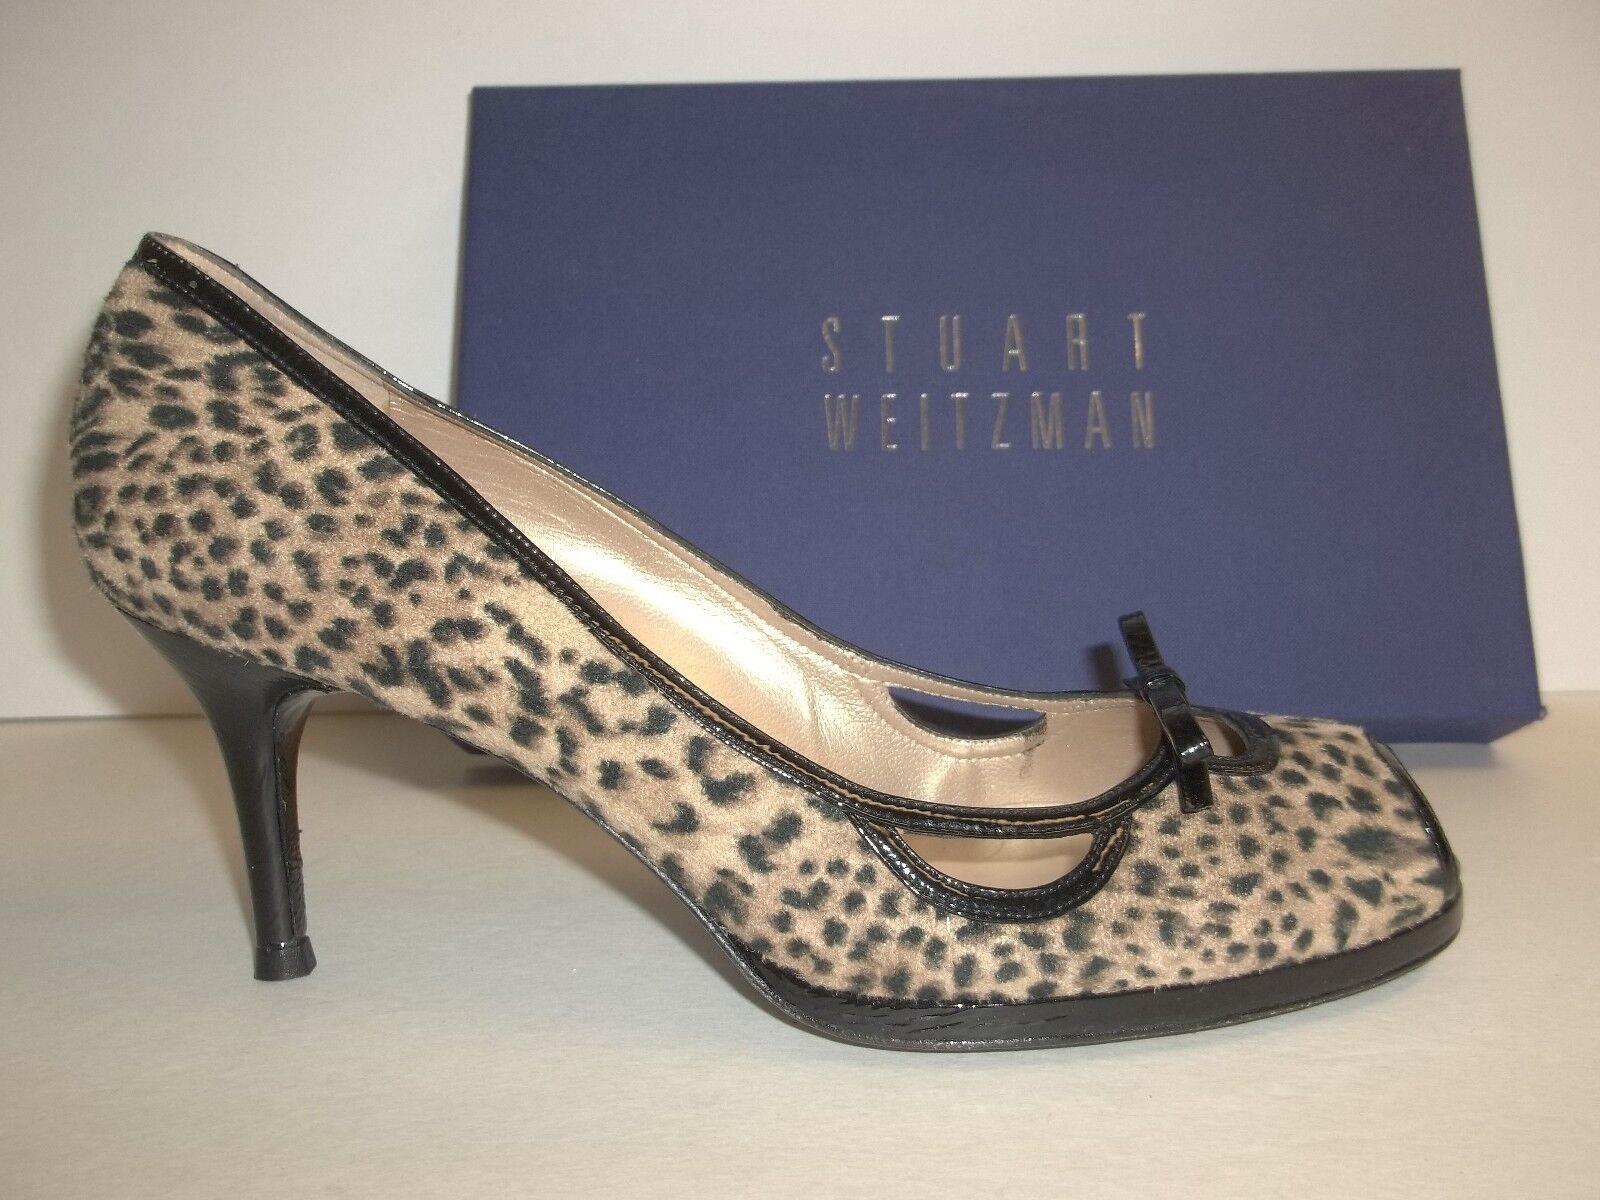 Stuart Weitzman Talla 9.5 M Becon Leopardo Cuero Peep Toe Toe Toe Tacones nuevo Zapatos para mujer  comprar nuevo barato